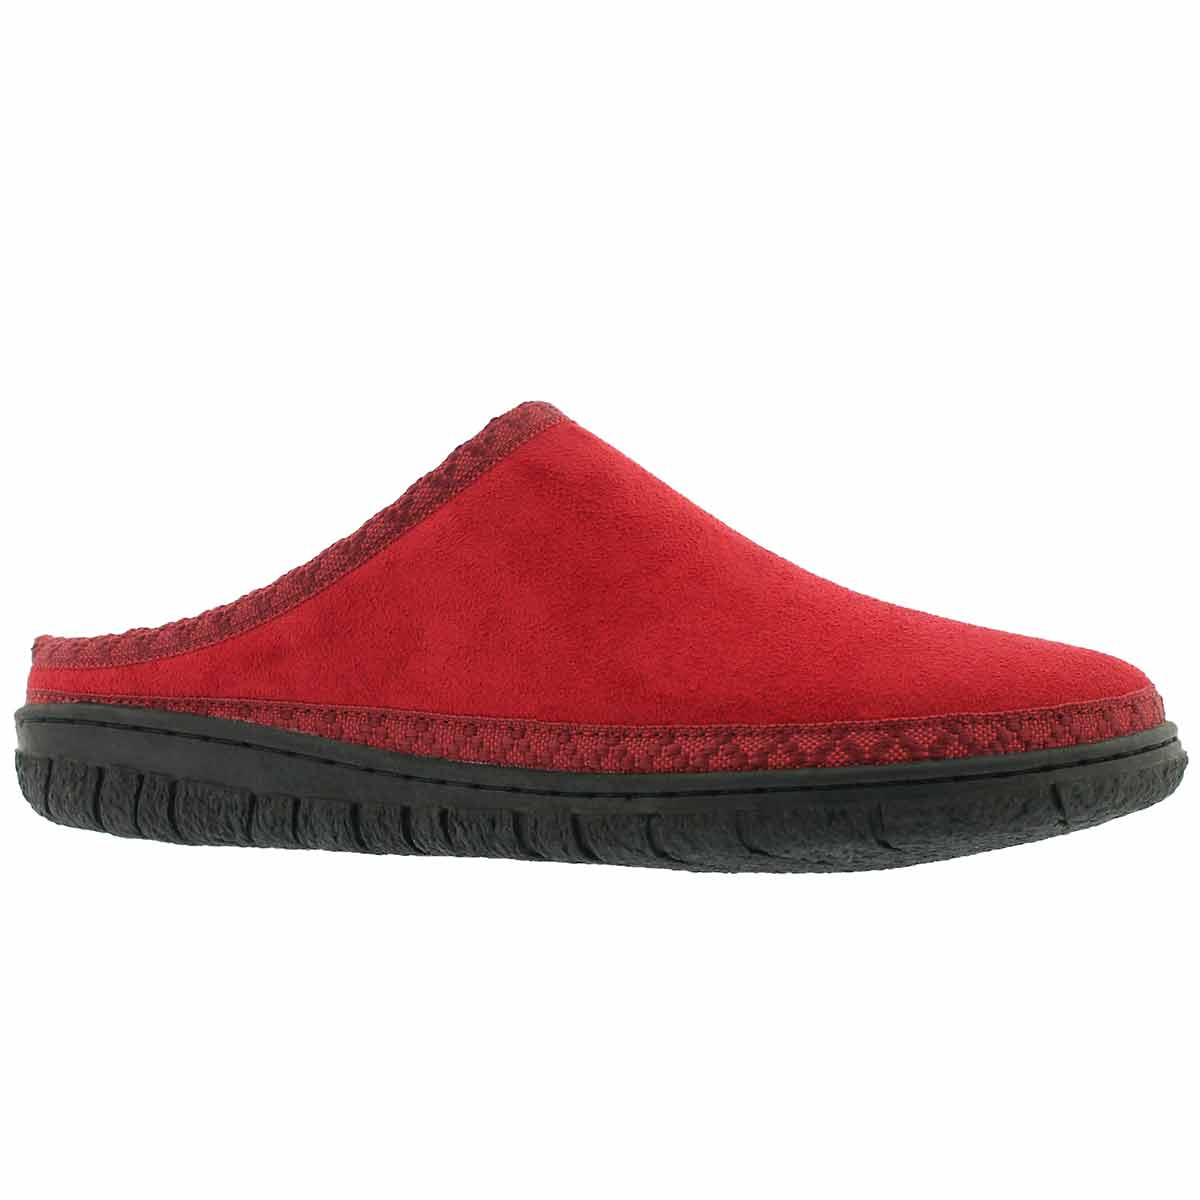 Women's SATURN red memory foam slippers